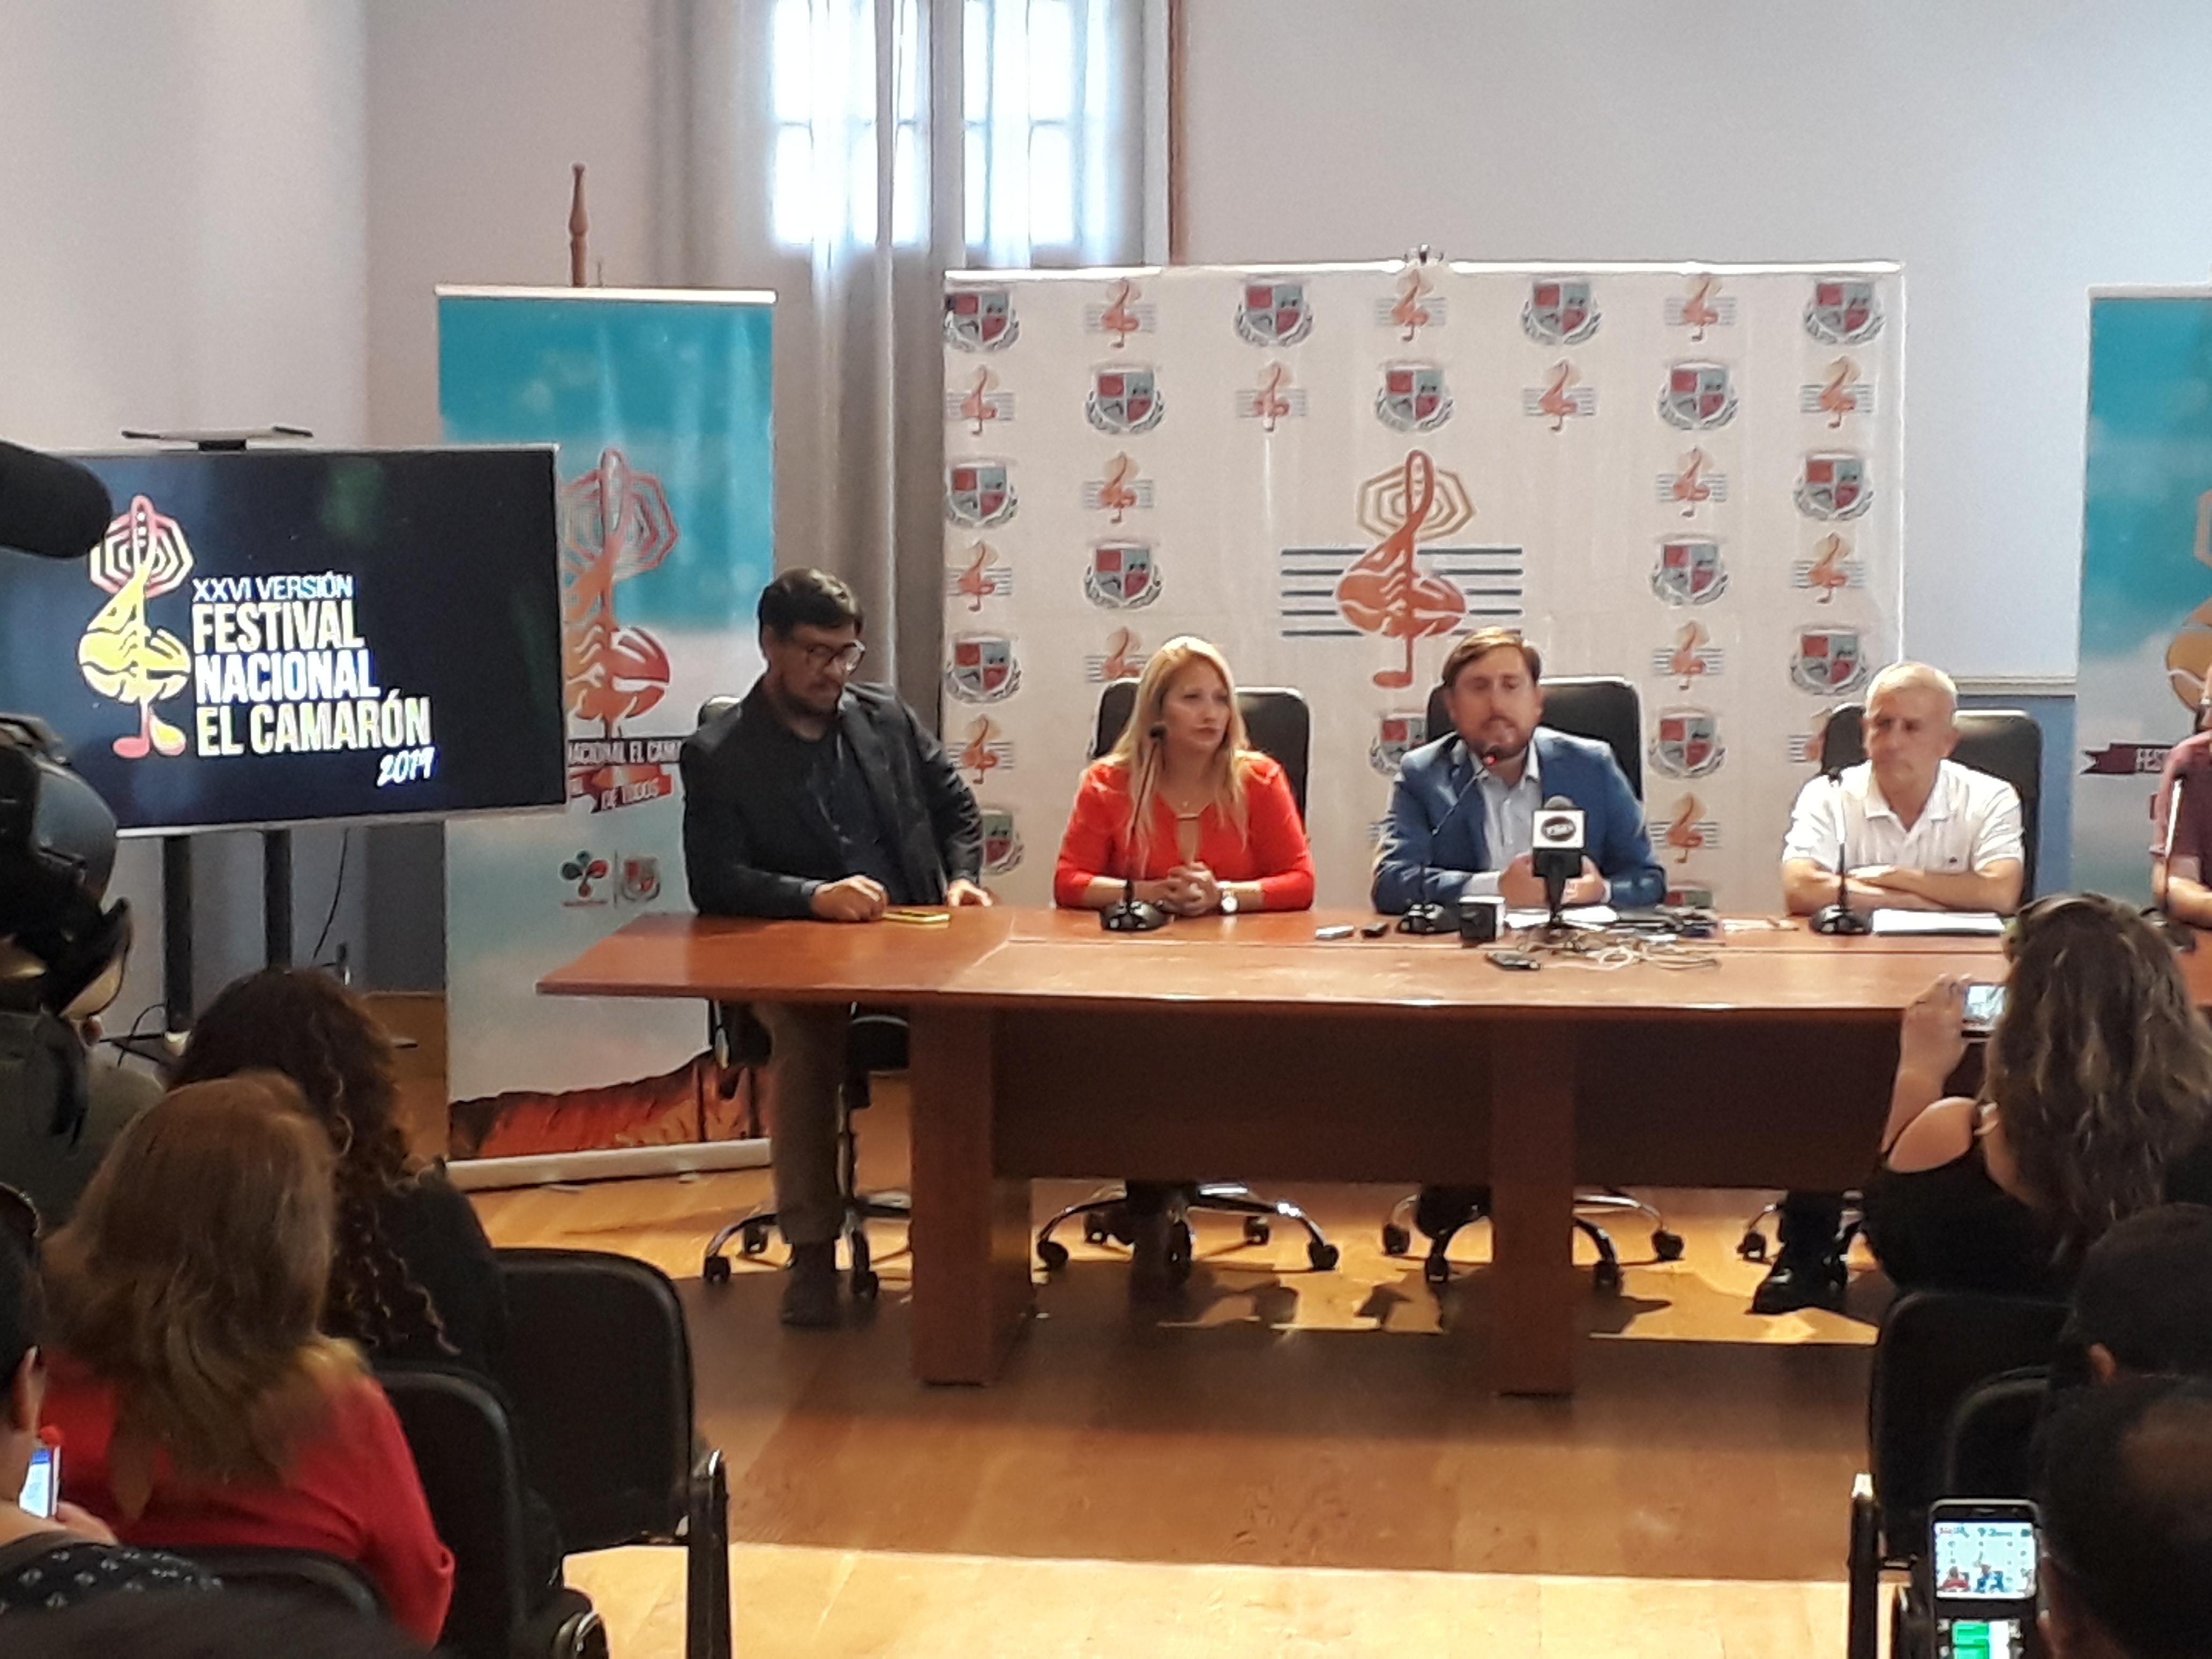 Freirina tiene festival: Sergio Freire, Sonora Barón y Sol y Lluvia destacan entre artistas nacionales